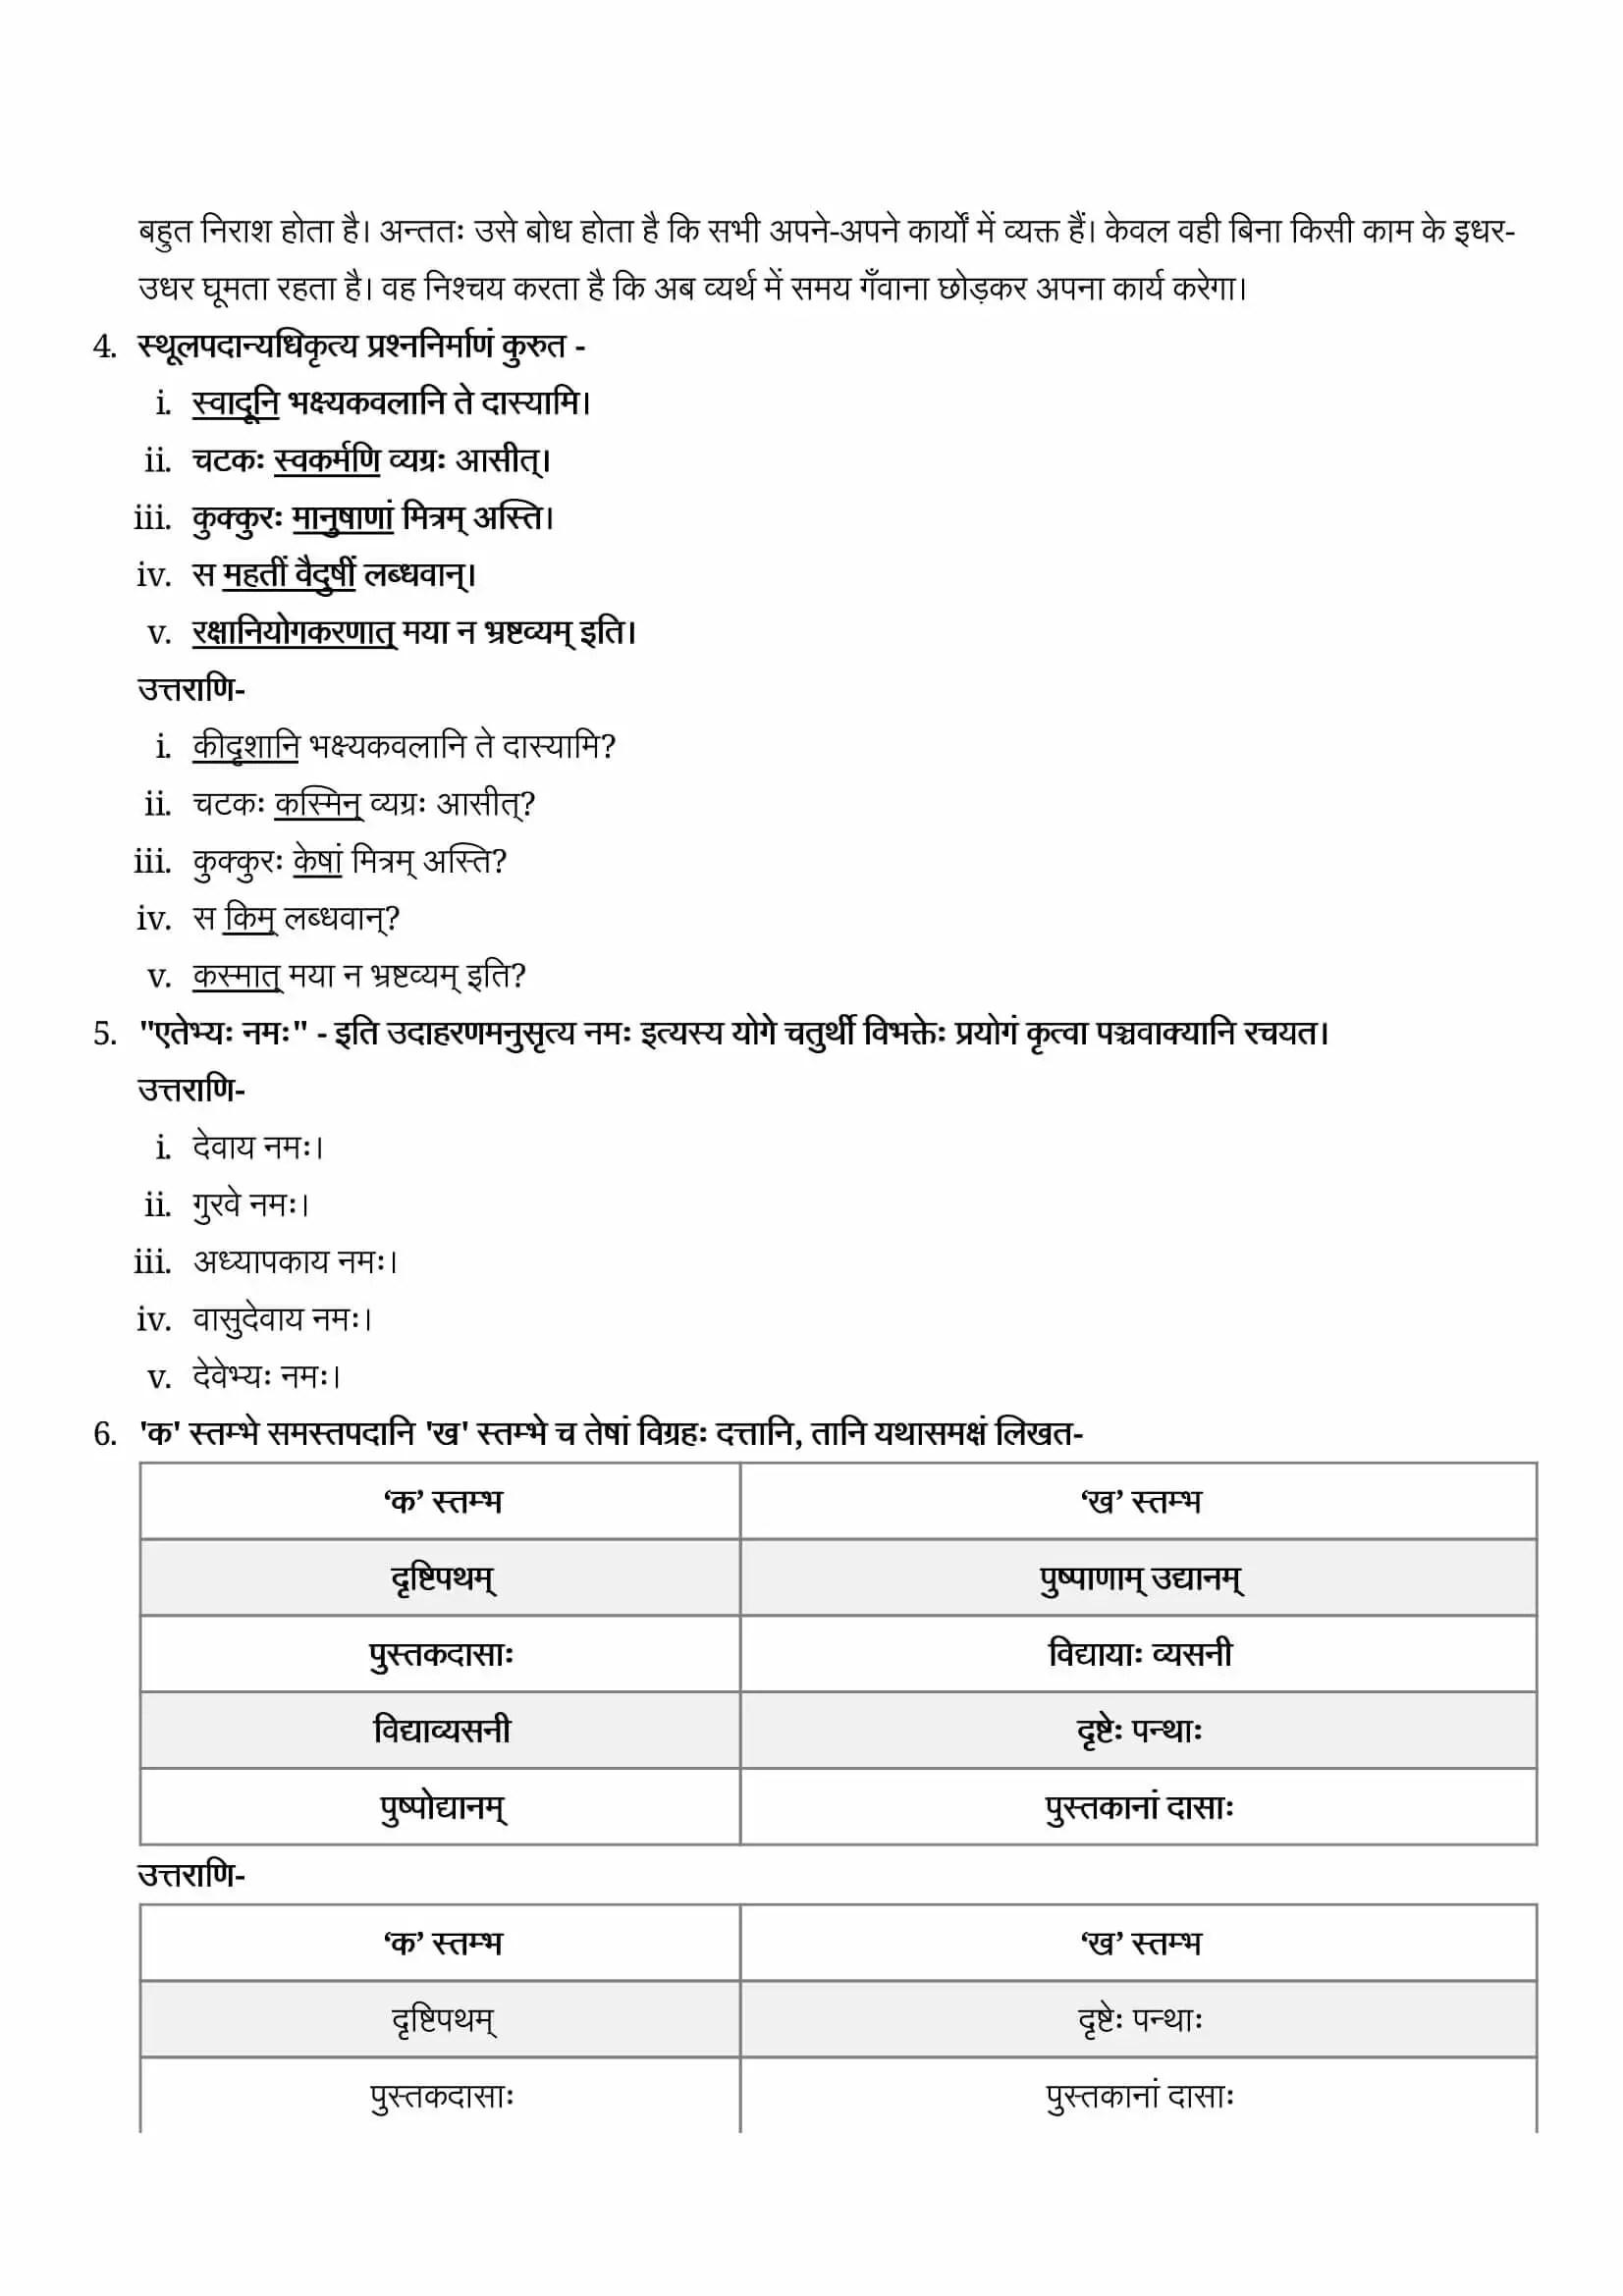 NCERT Solutions For Class 9 Sanskrit Shemushi Chapter 6